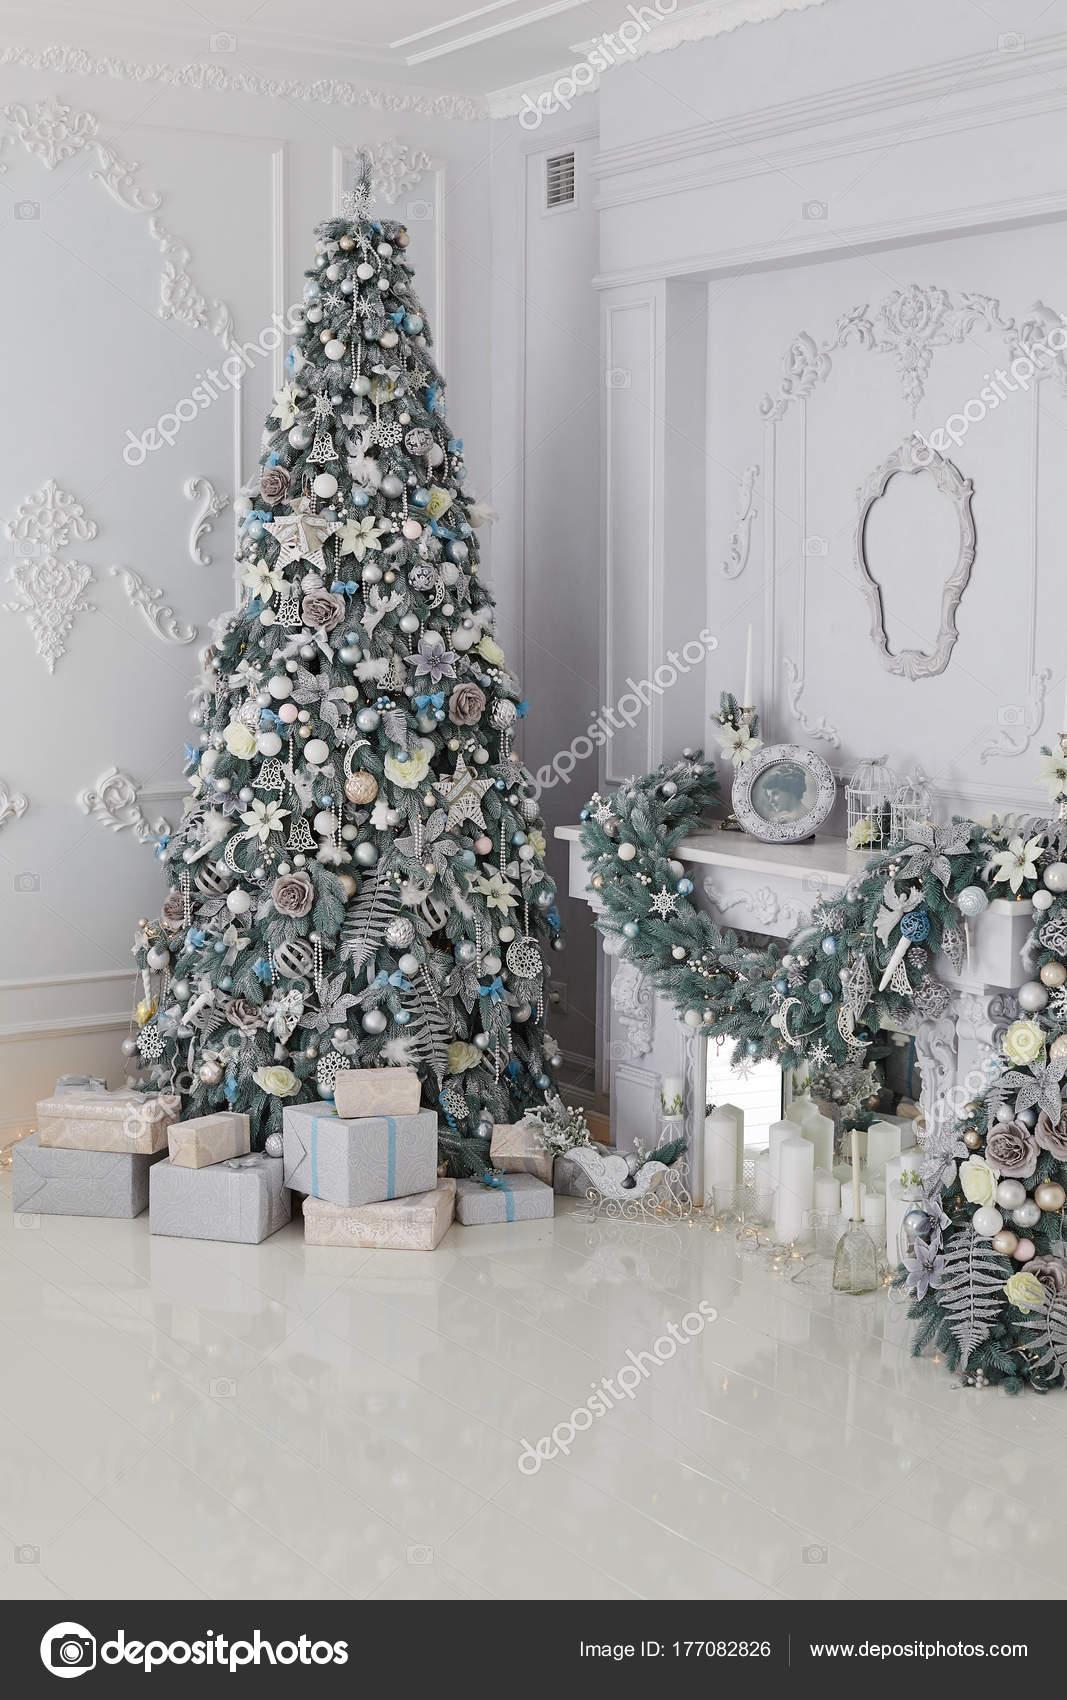 f3c04cefb34 Vacacional Habitación Decorada Con Árboles Navidad Presenta